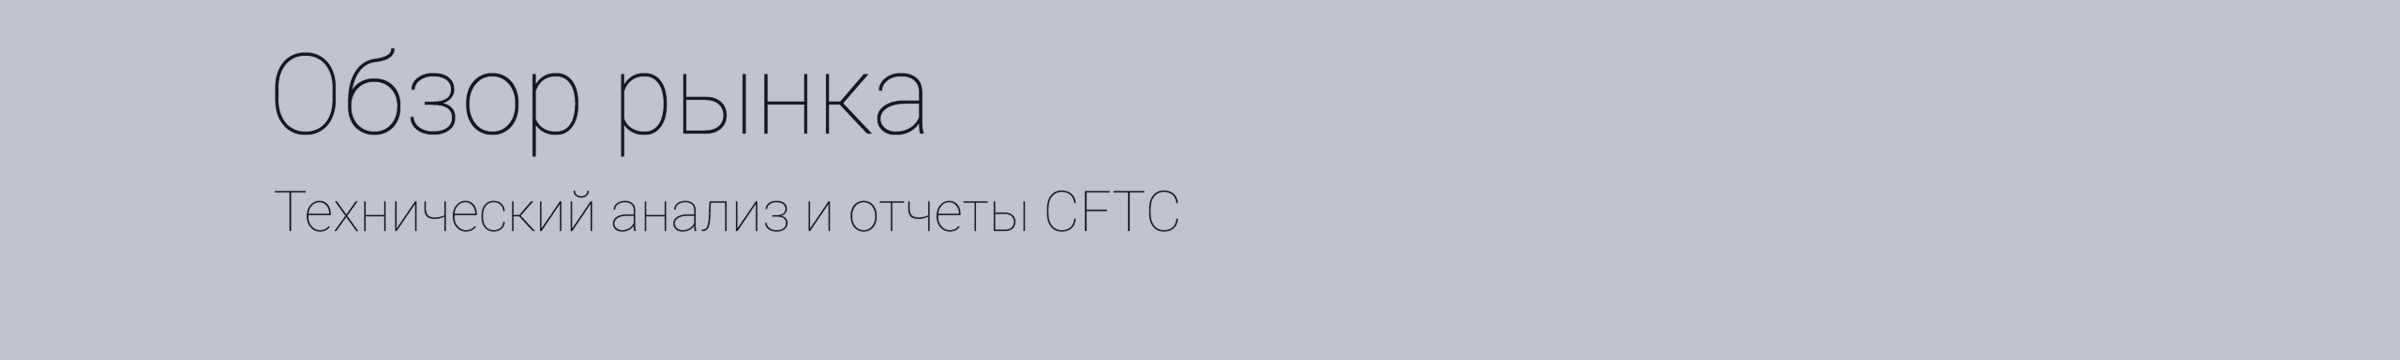 Еженедельный видеообзор финансовых рынков. Технический анализ и отчеты CFTC (6 — 12 июня)